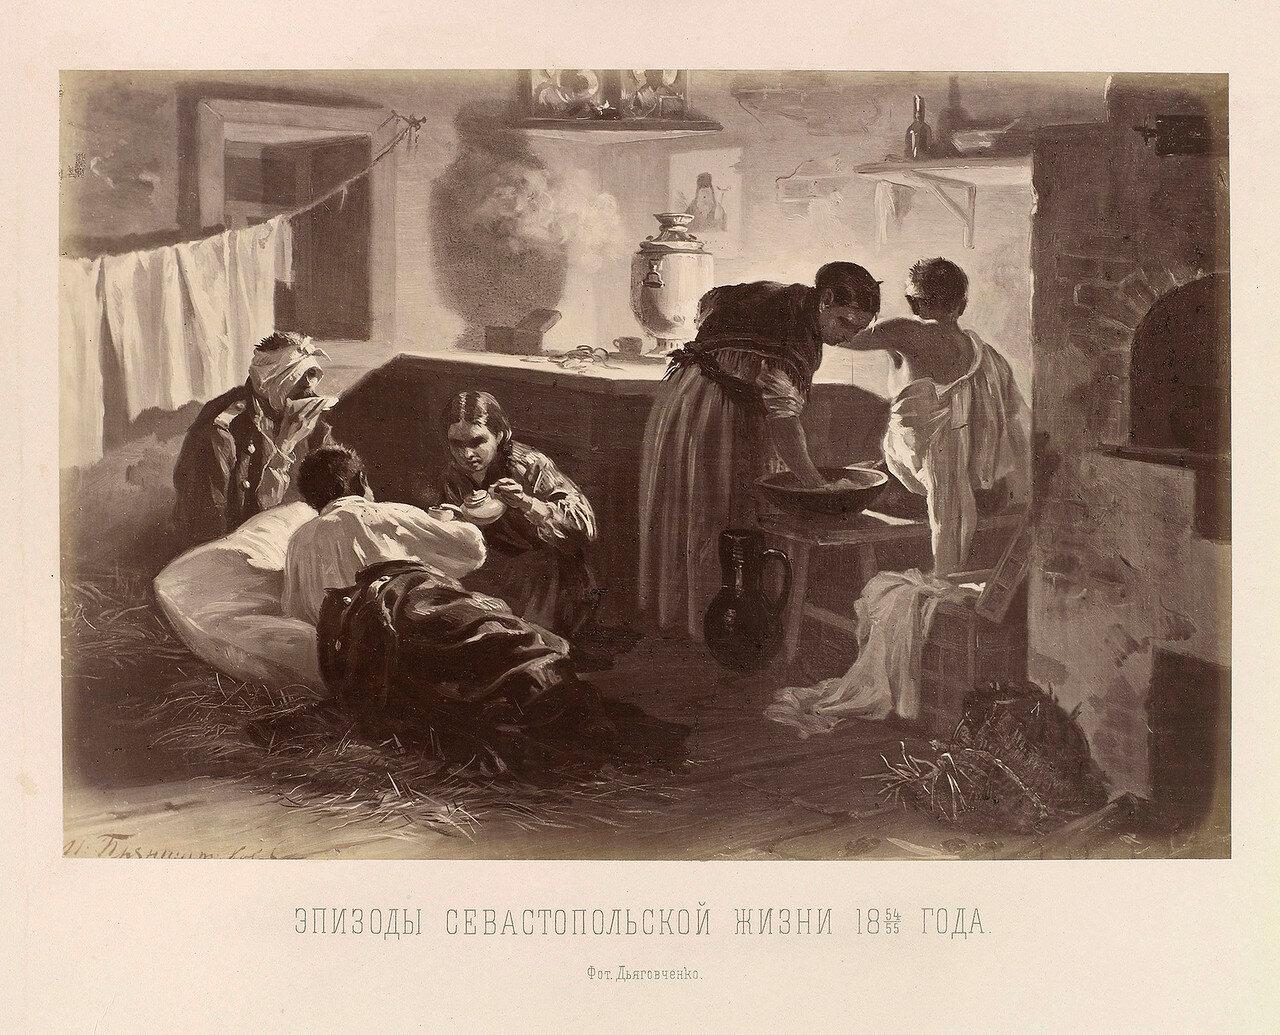 23. Призрение раненых женщинами в Севастополе